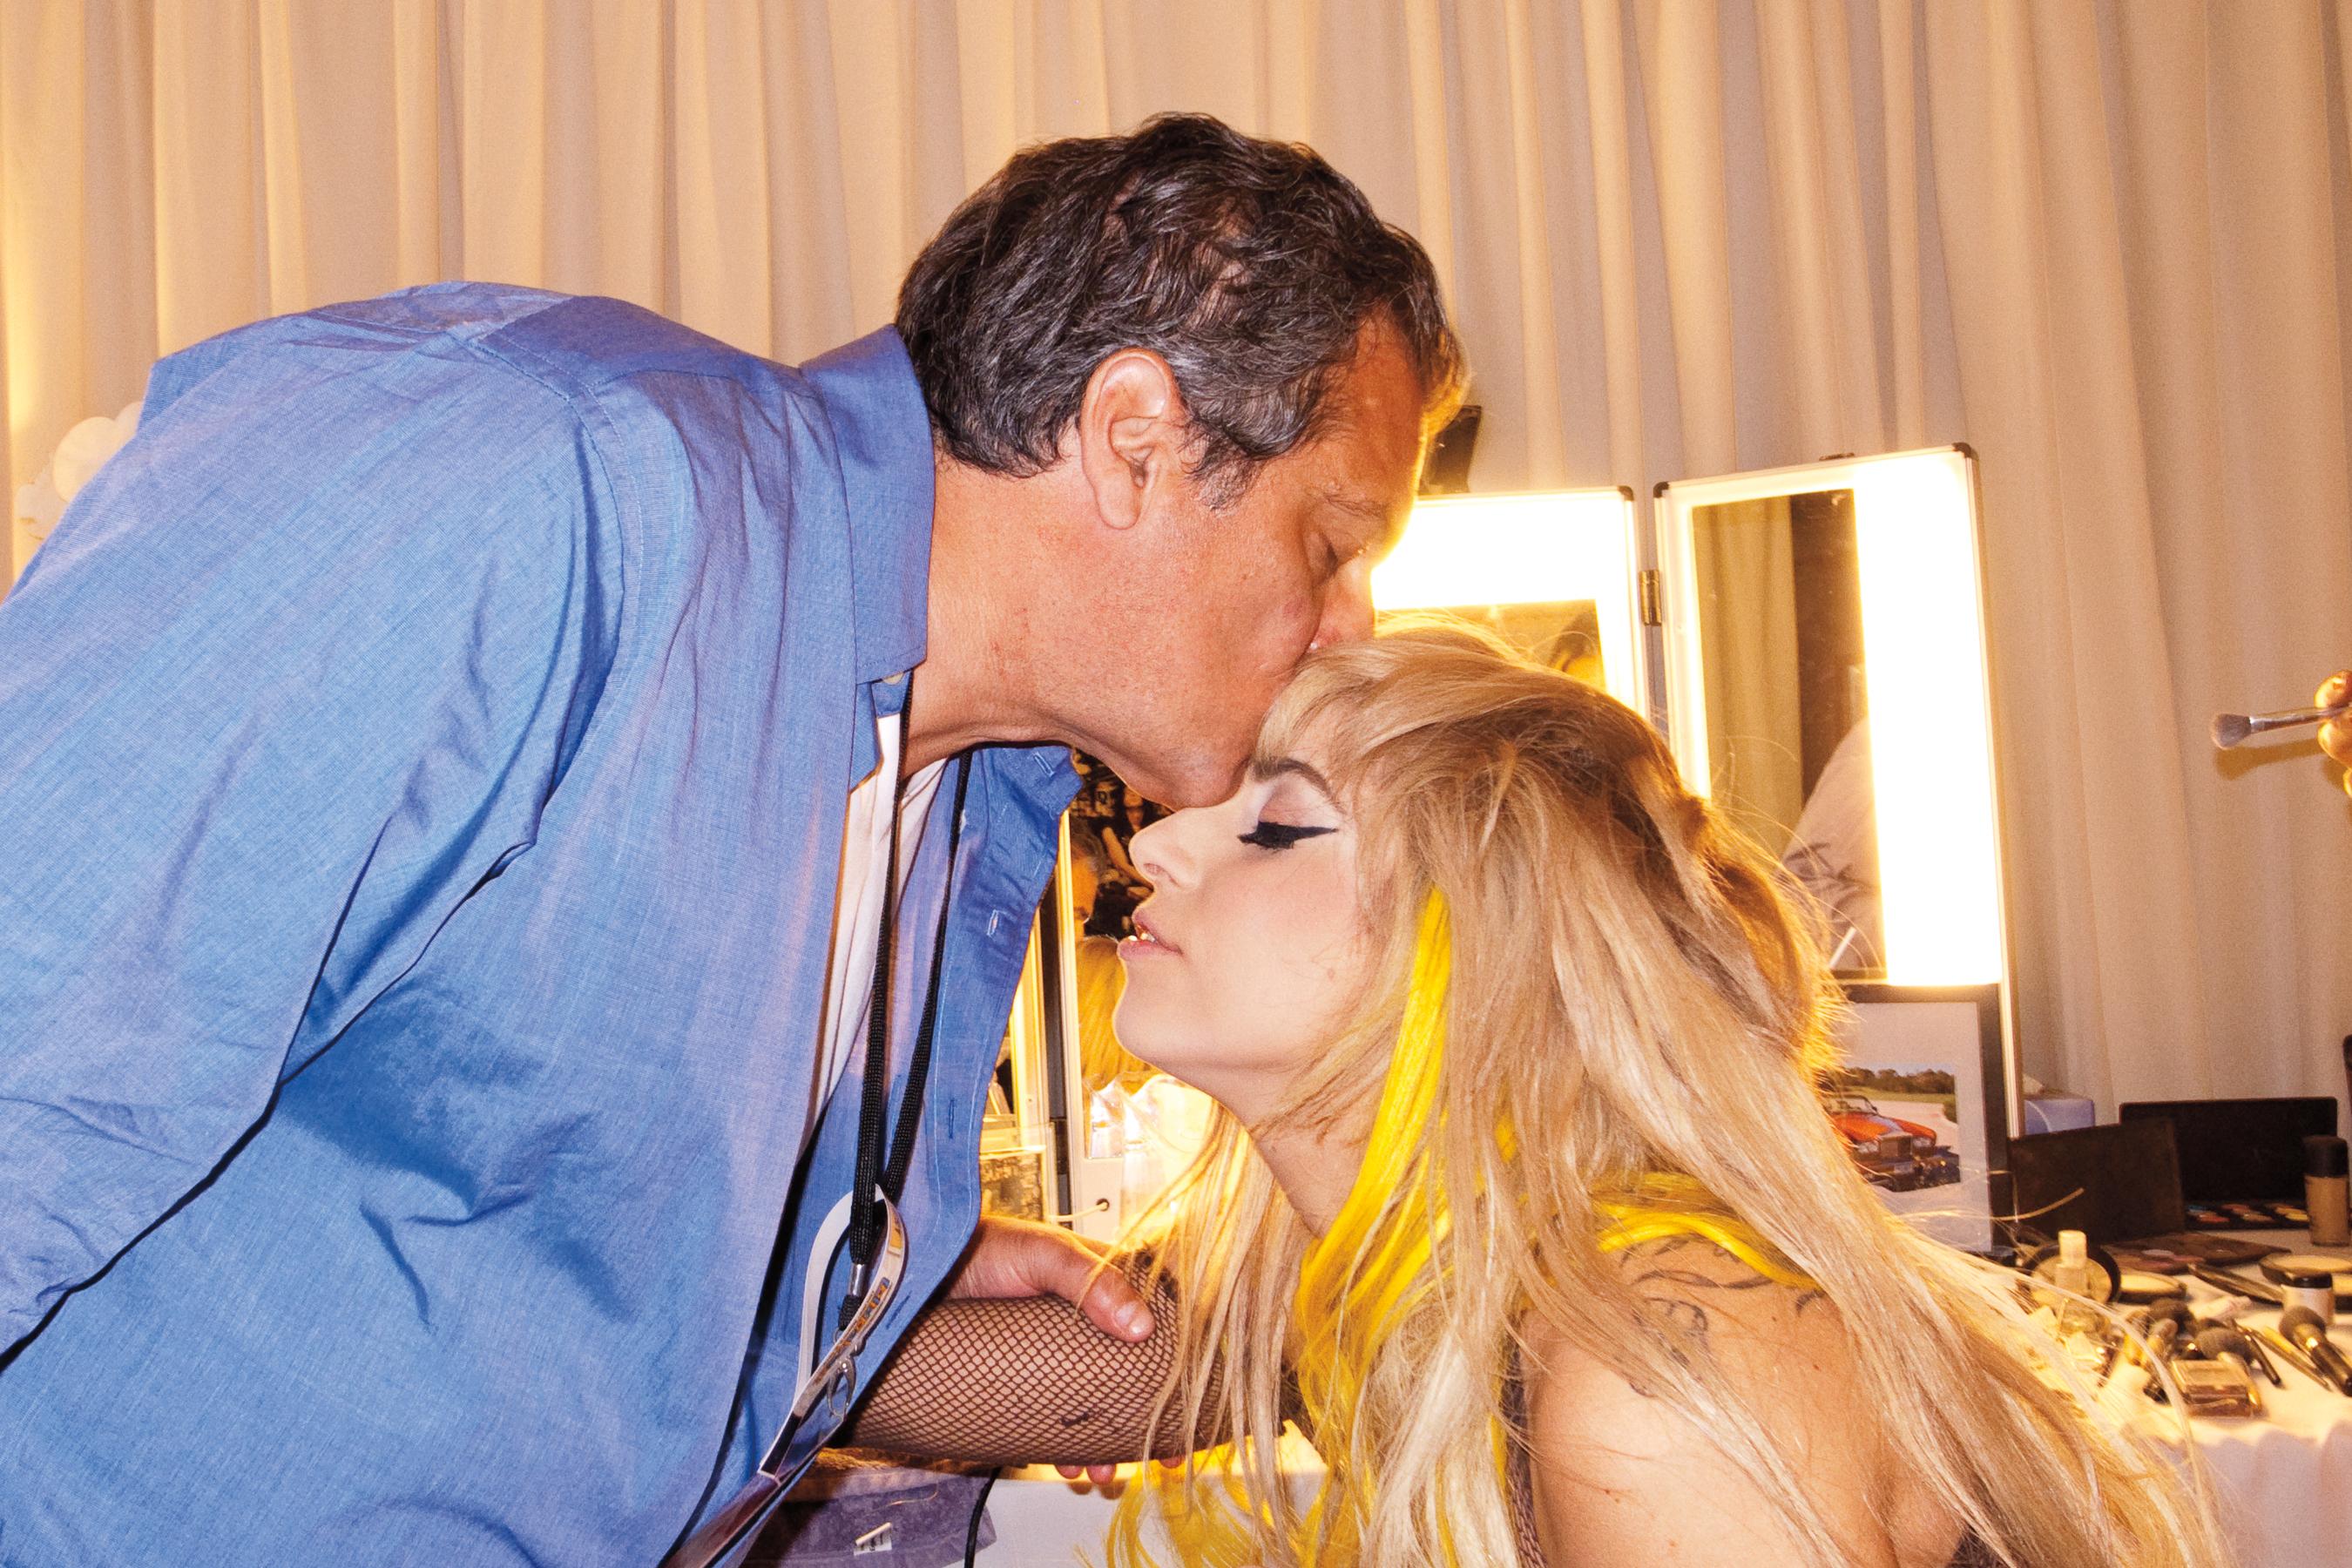 Русские отец и дочь занимаются сексом онлайн бесплатно, Отец и дочь, отец ебет дочь - Смотреть порно видео 9 фотография